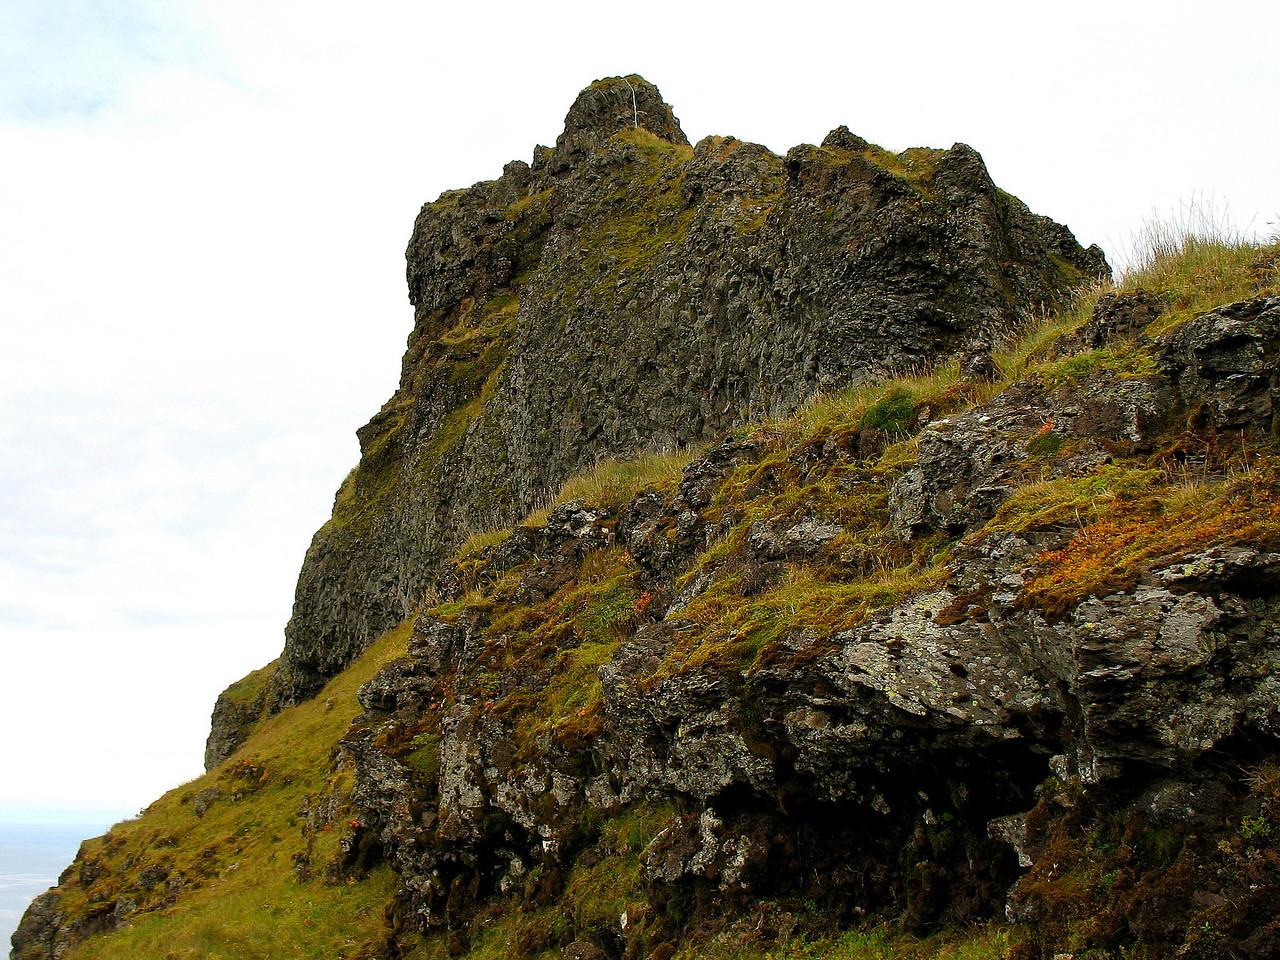 Fyrir neðan næstefsta kaðal færðum við okkur aftur yfir á vesturhliðina, hér sést efsti kaðall, sá næstefsti er á bak við klettinn sem sjá má á miðri mynd.